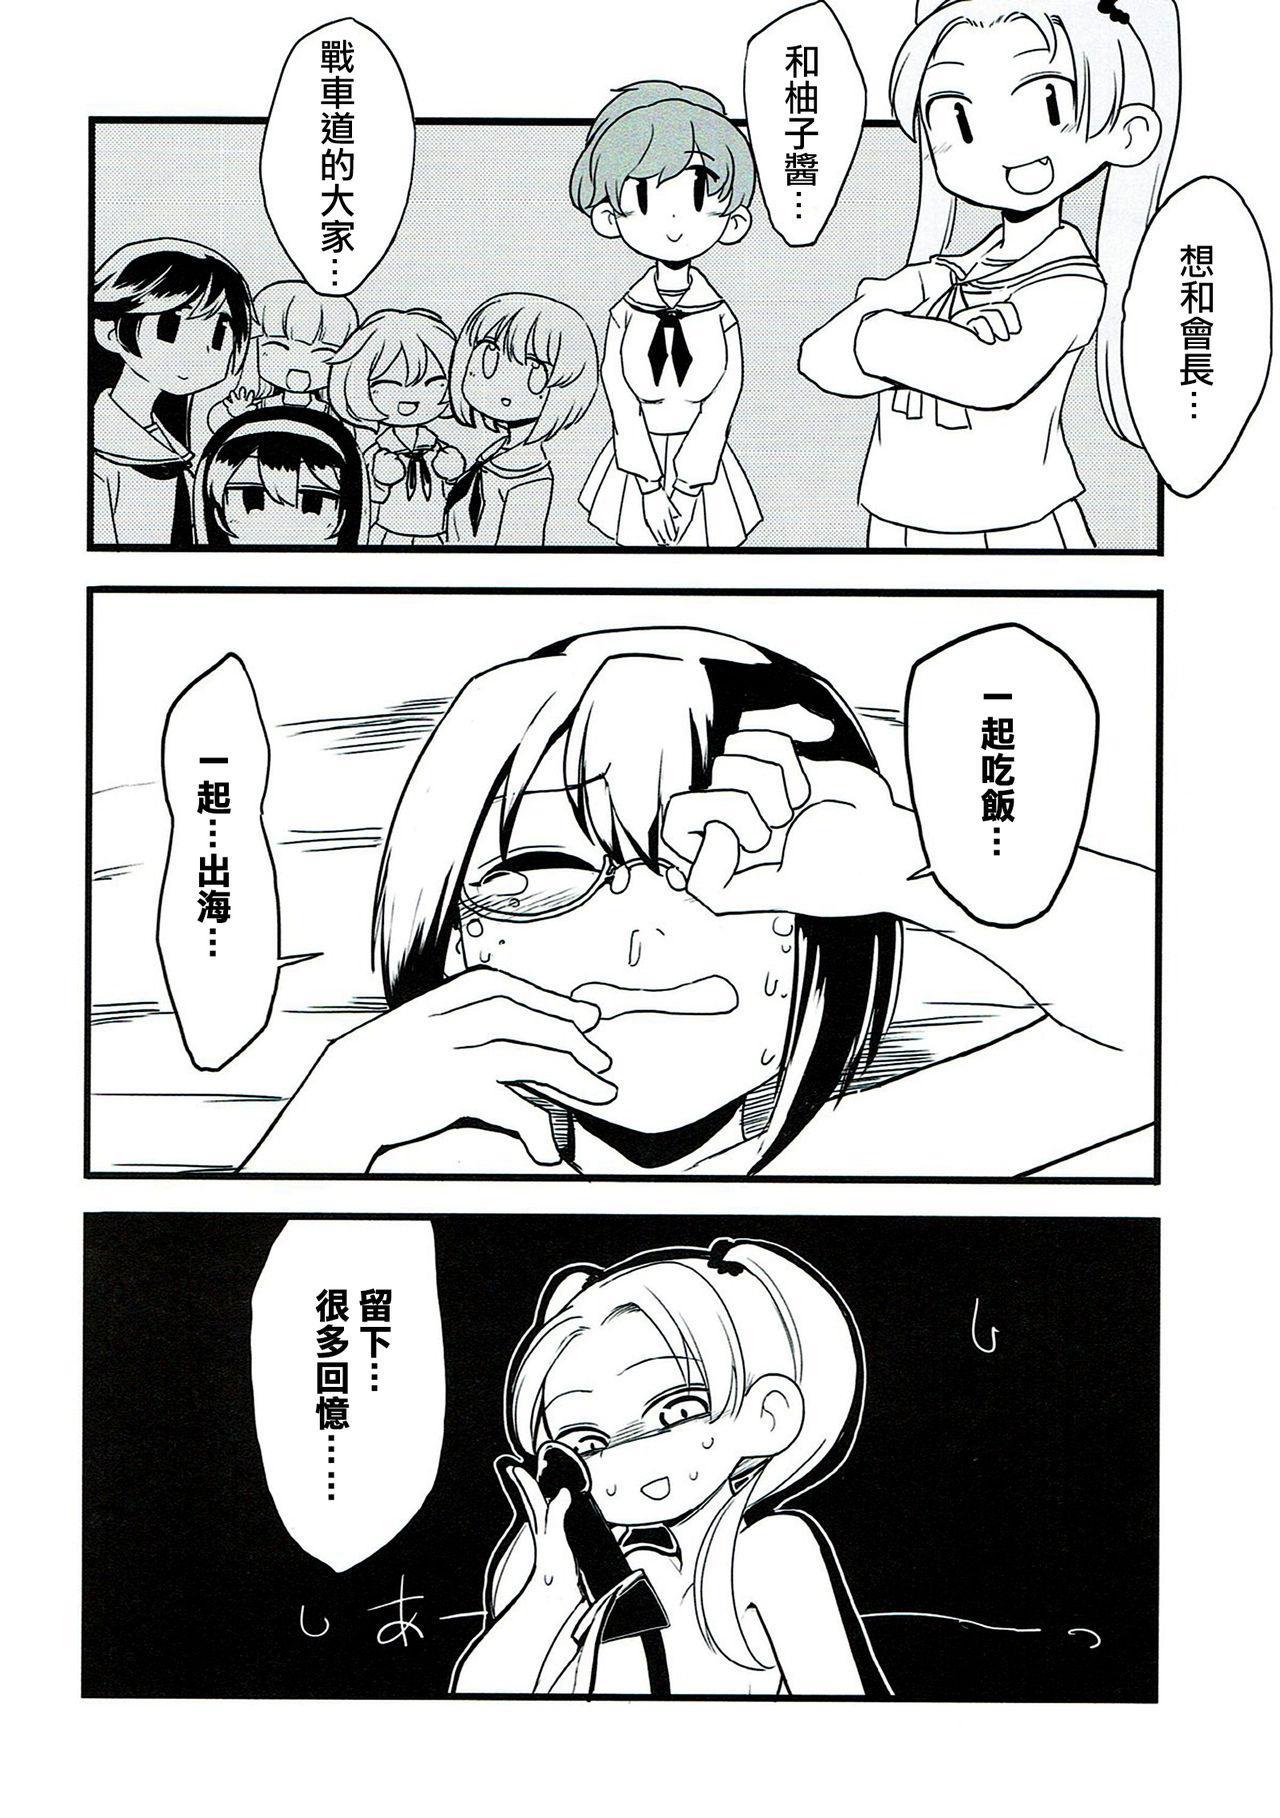 Kyou AnMomo wa Yuri Ecchi o Suru. 11